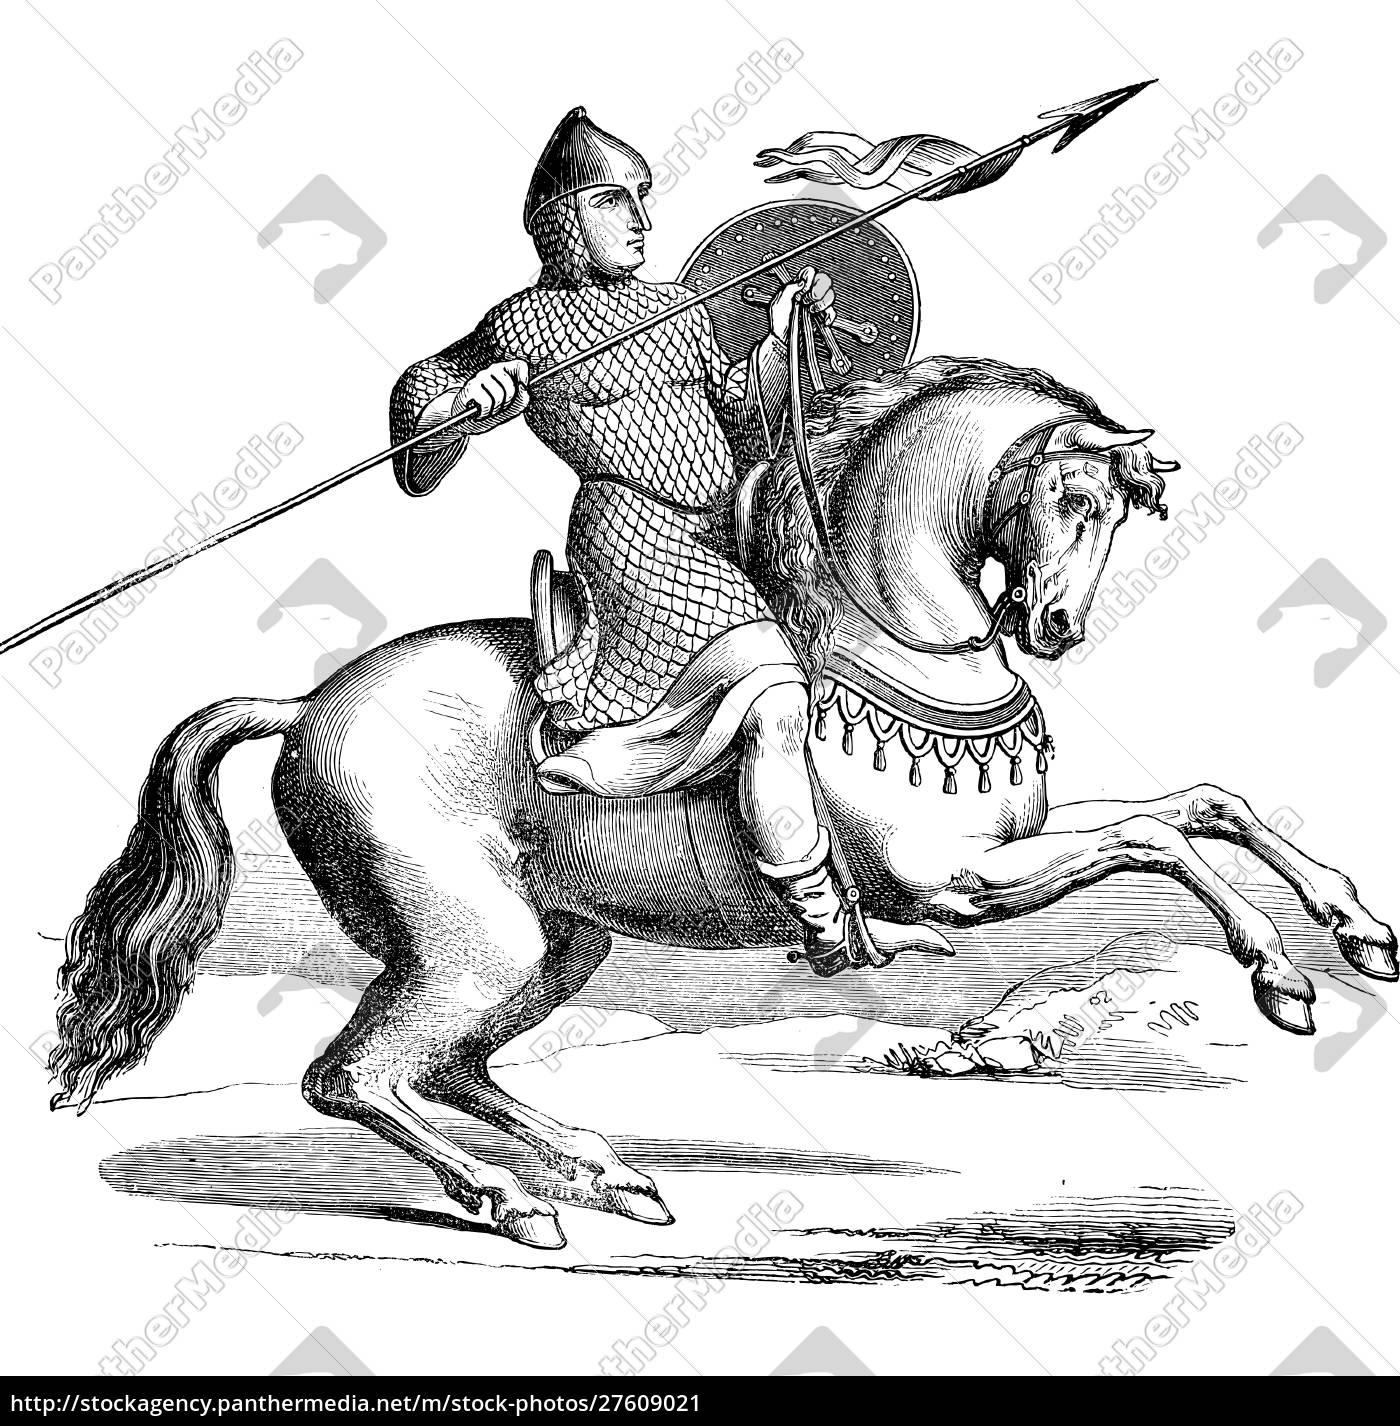 ritter, auf, einem, pferd, trägt, hauberk - 27609021